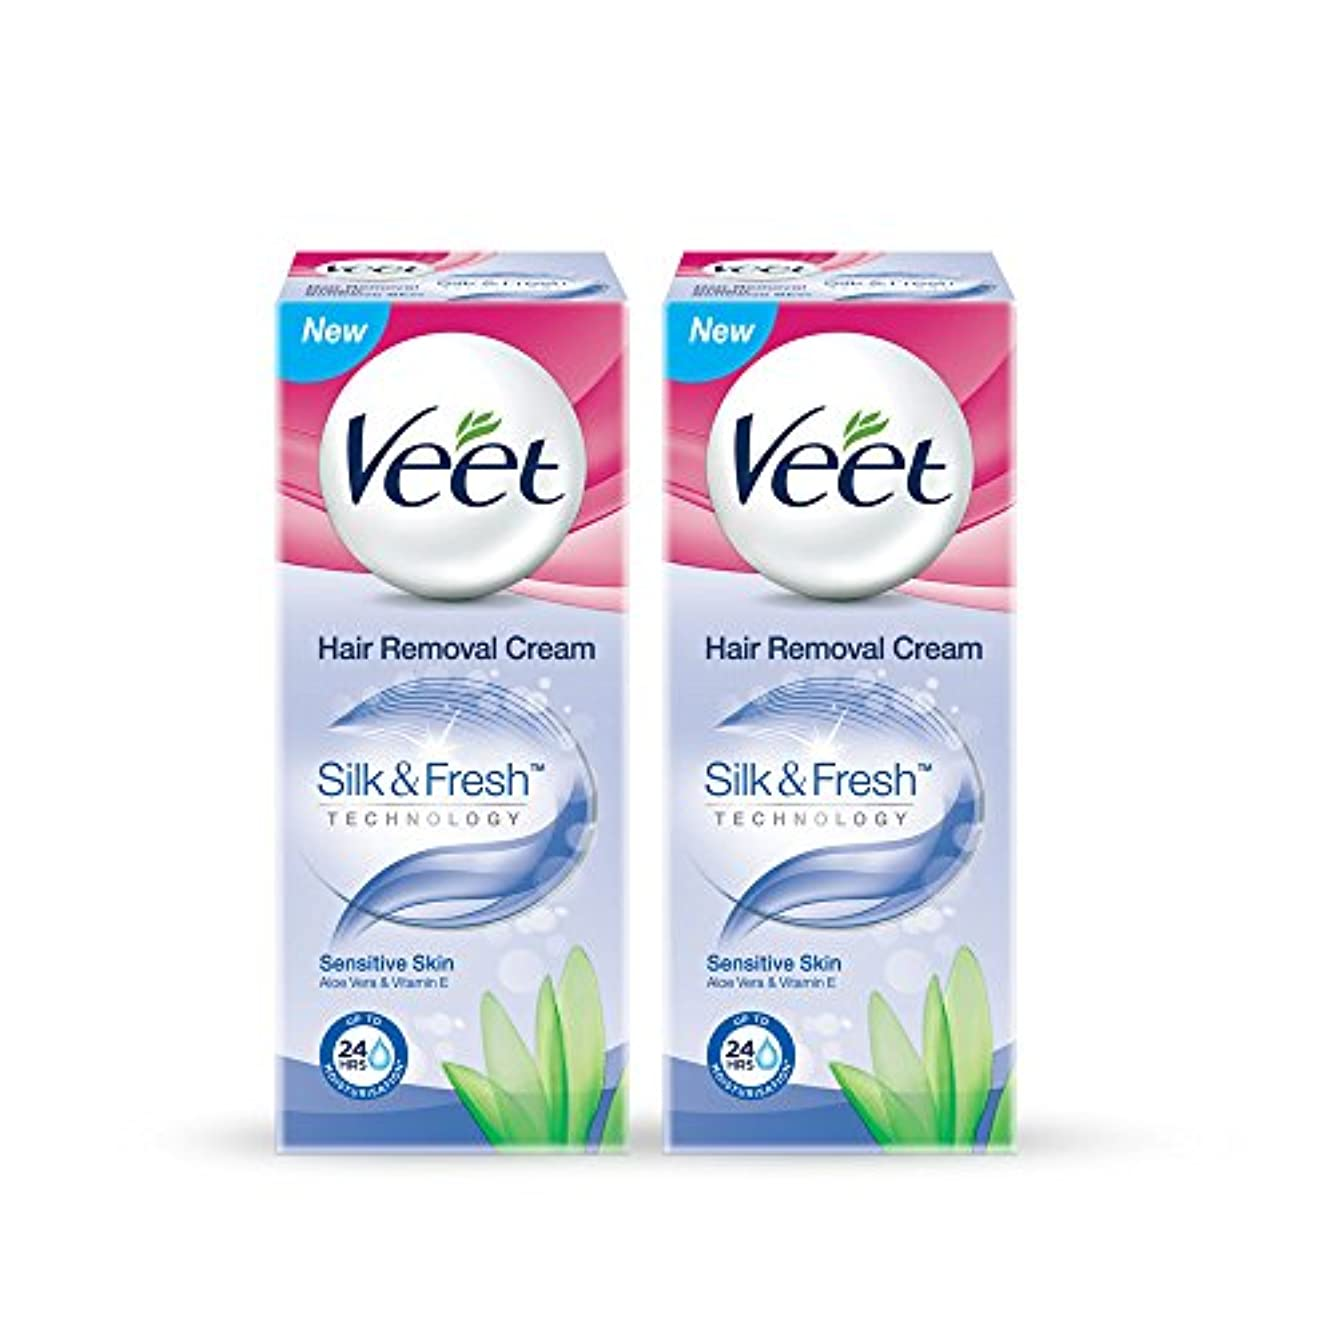 鳴り響く個人スピリチュアルVeet Hair Removal Gel Cream For Sensitive Skin With Aloe Vera and Vitamin E 25 g (Pack of 2)